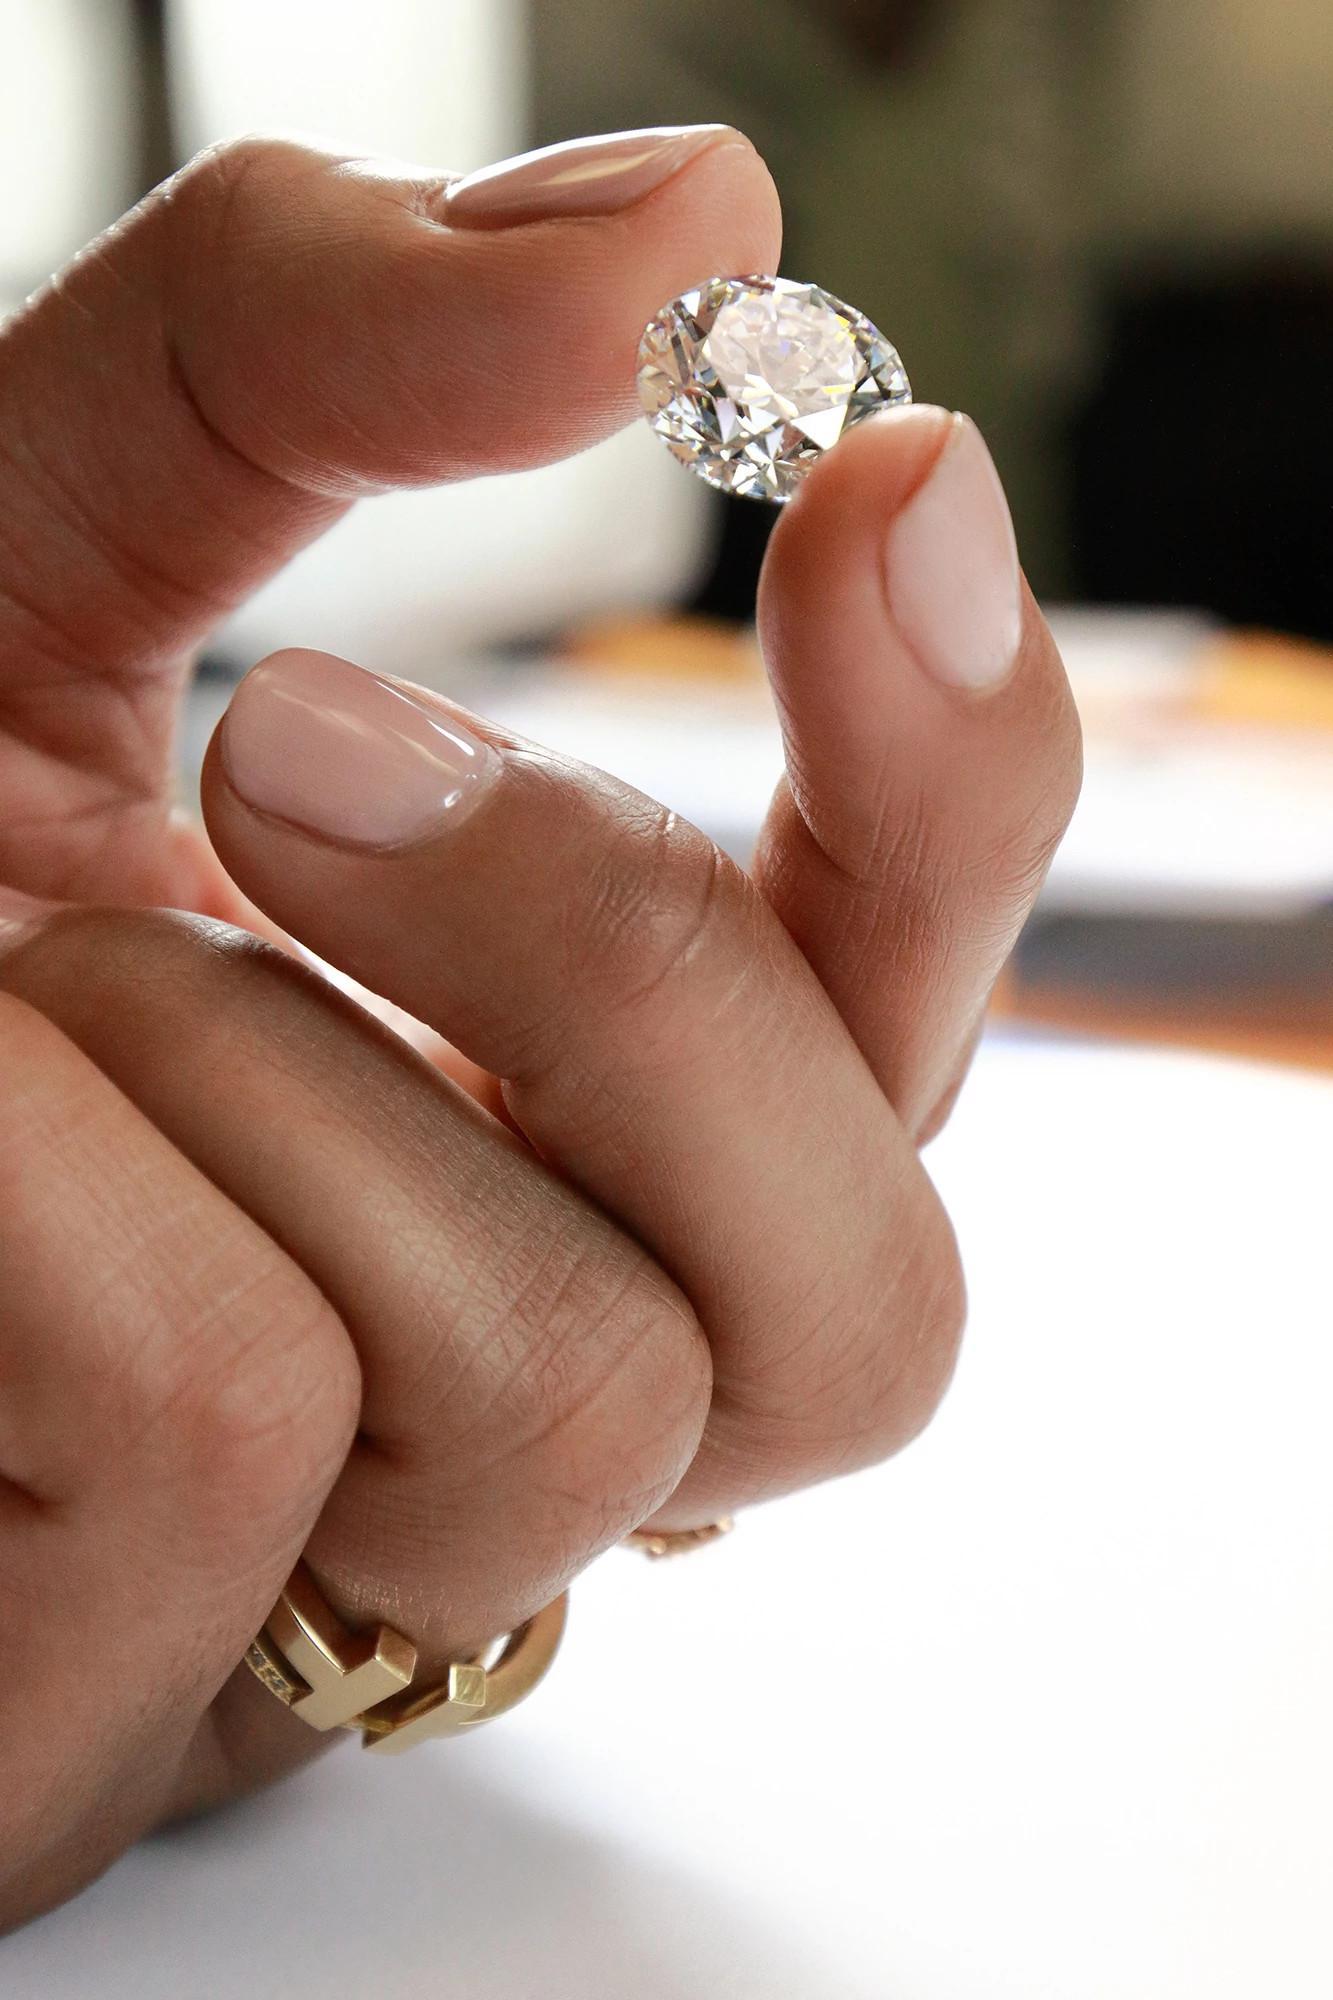 蒂芙尼工坊的天然钻石